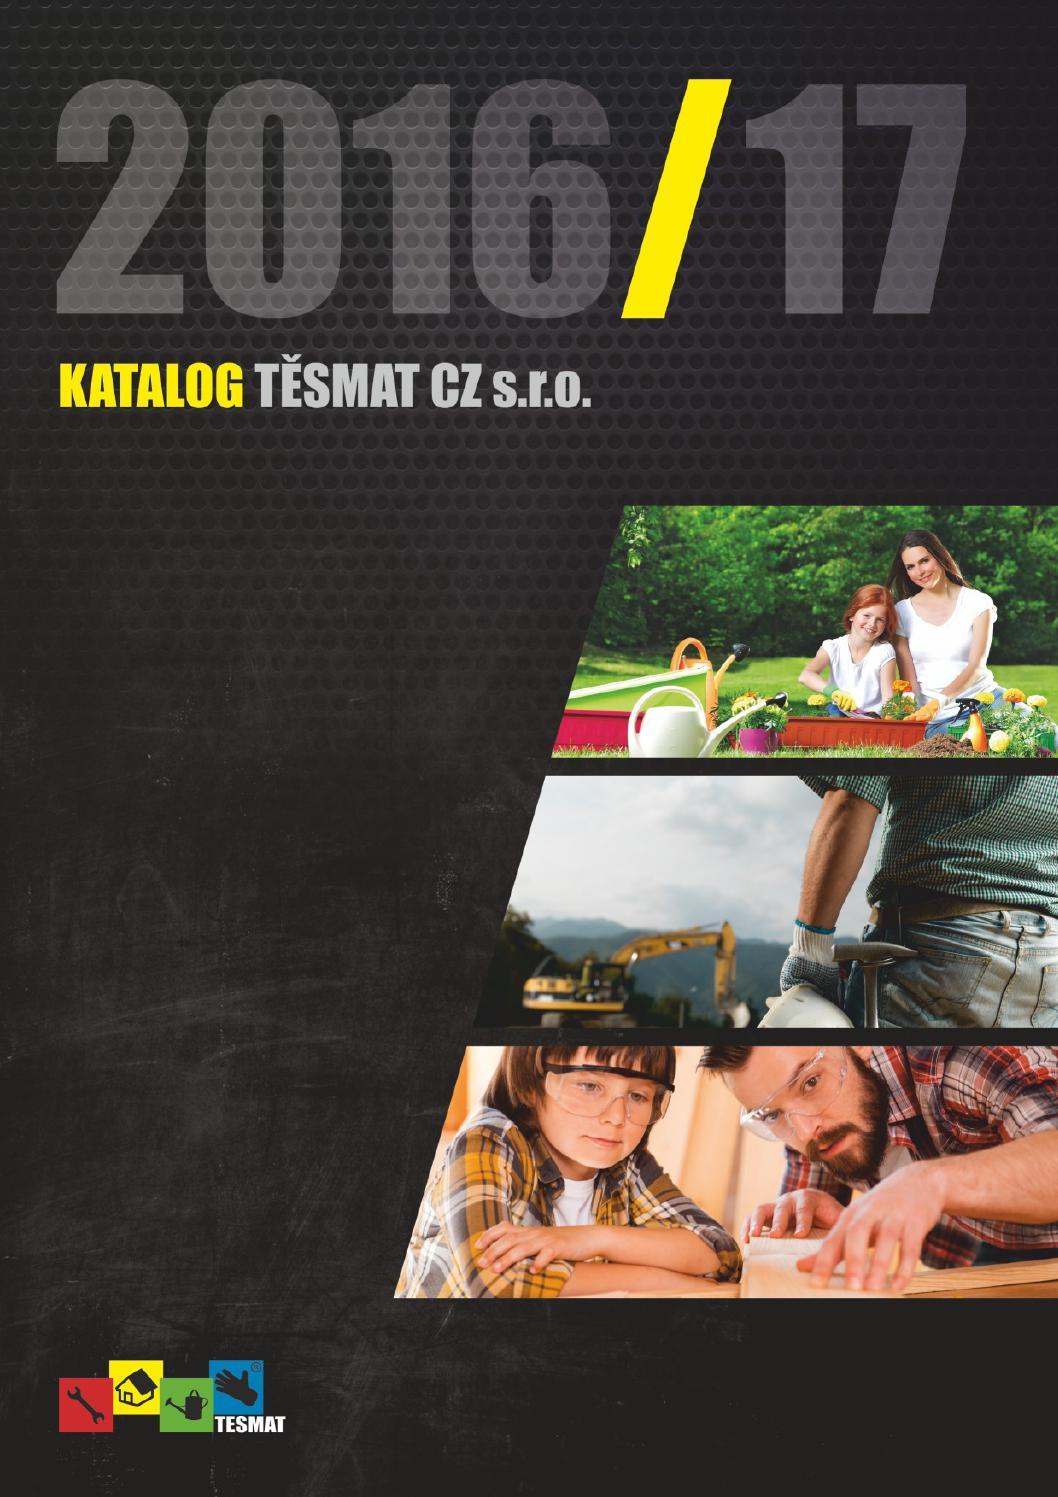 KATALOG TESMAT CZ s.r.o. 2016 17 by TĚSMAT CZ s.r.o. - issuu 629878d639